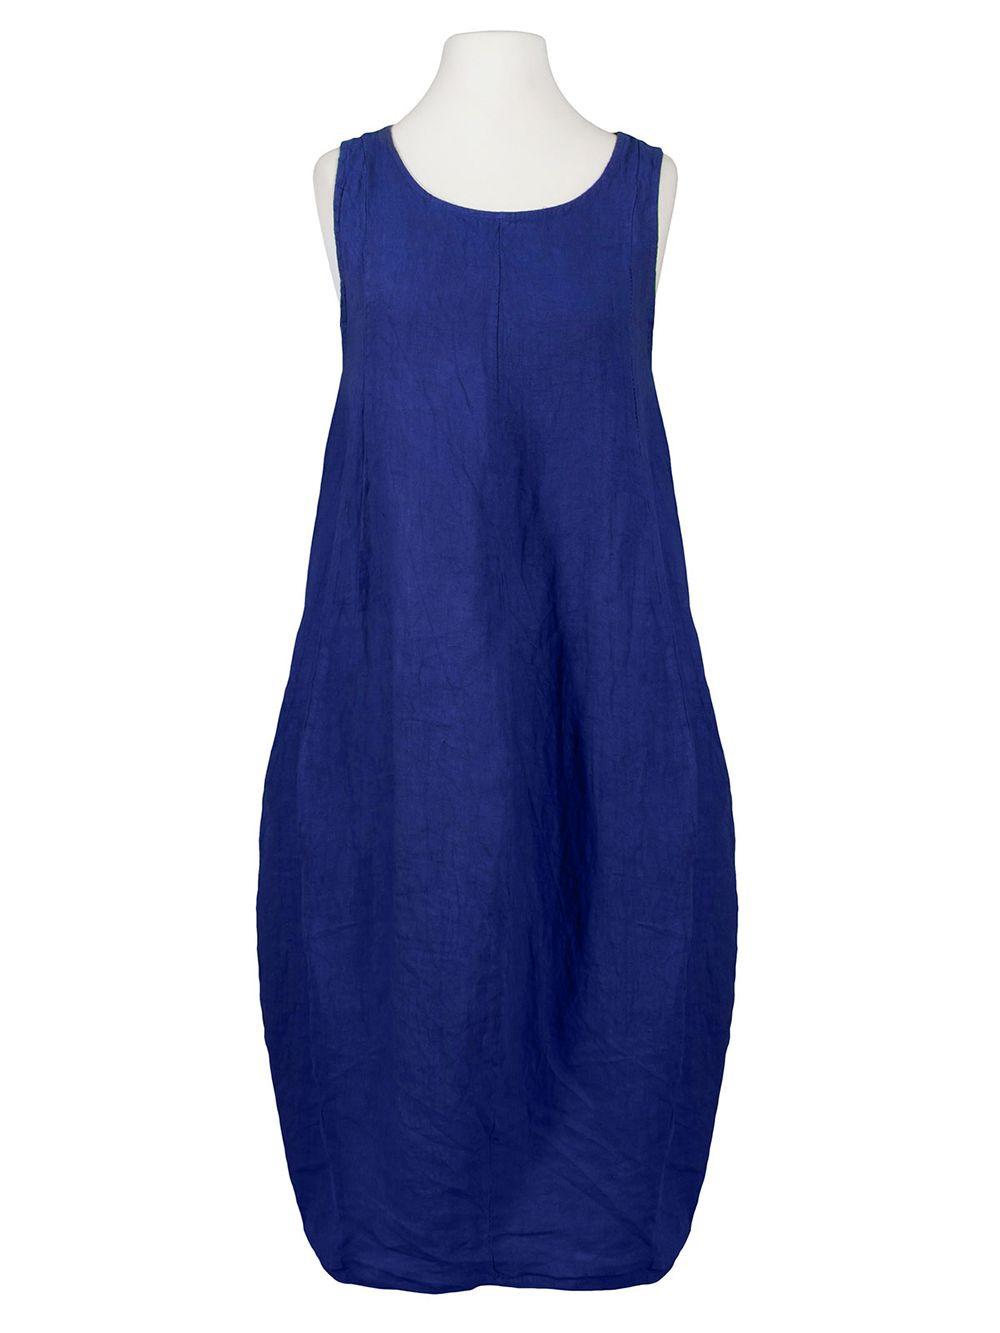 Damen Leinenkleid Ballonform Royalblau Von Puro Lino Bei